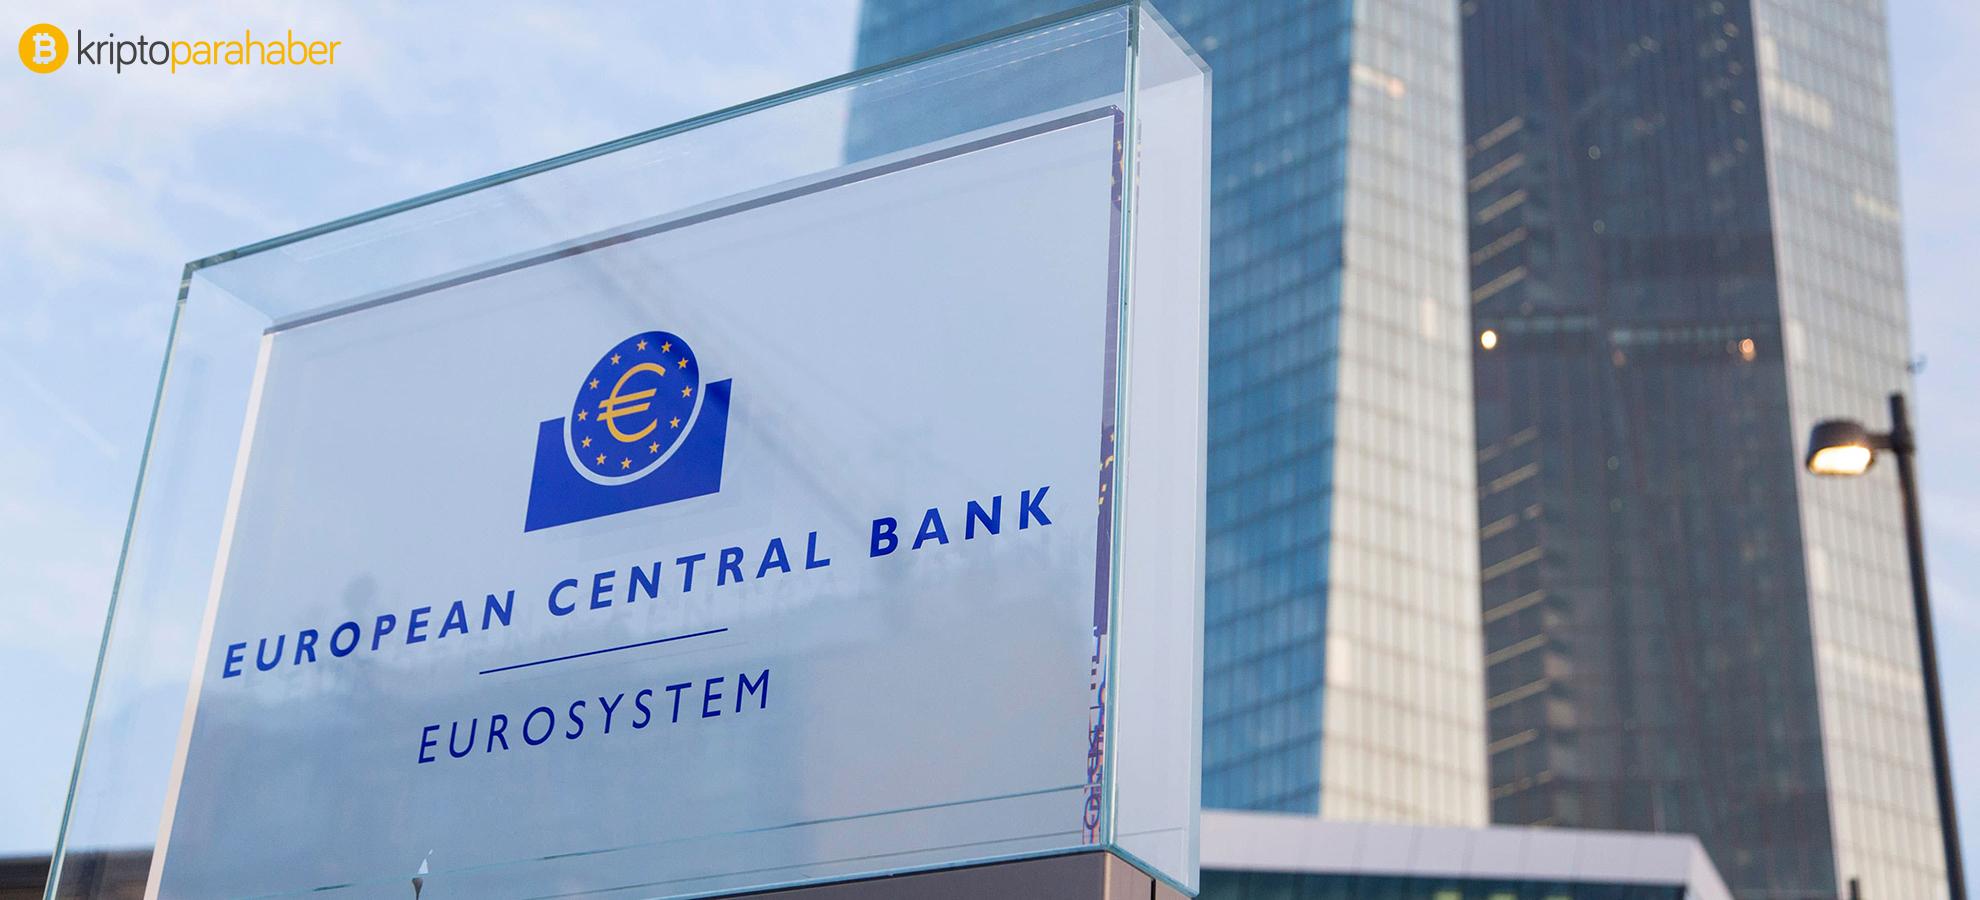 Avrupa Merkez Bankası yöneticisinden dijital euro ve CBDC açıklaması